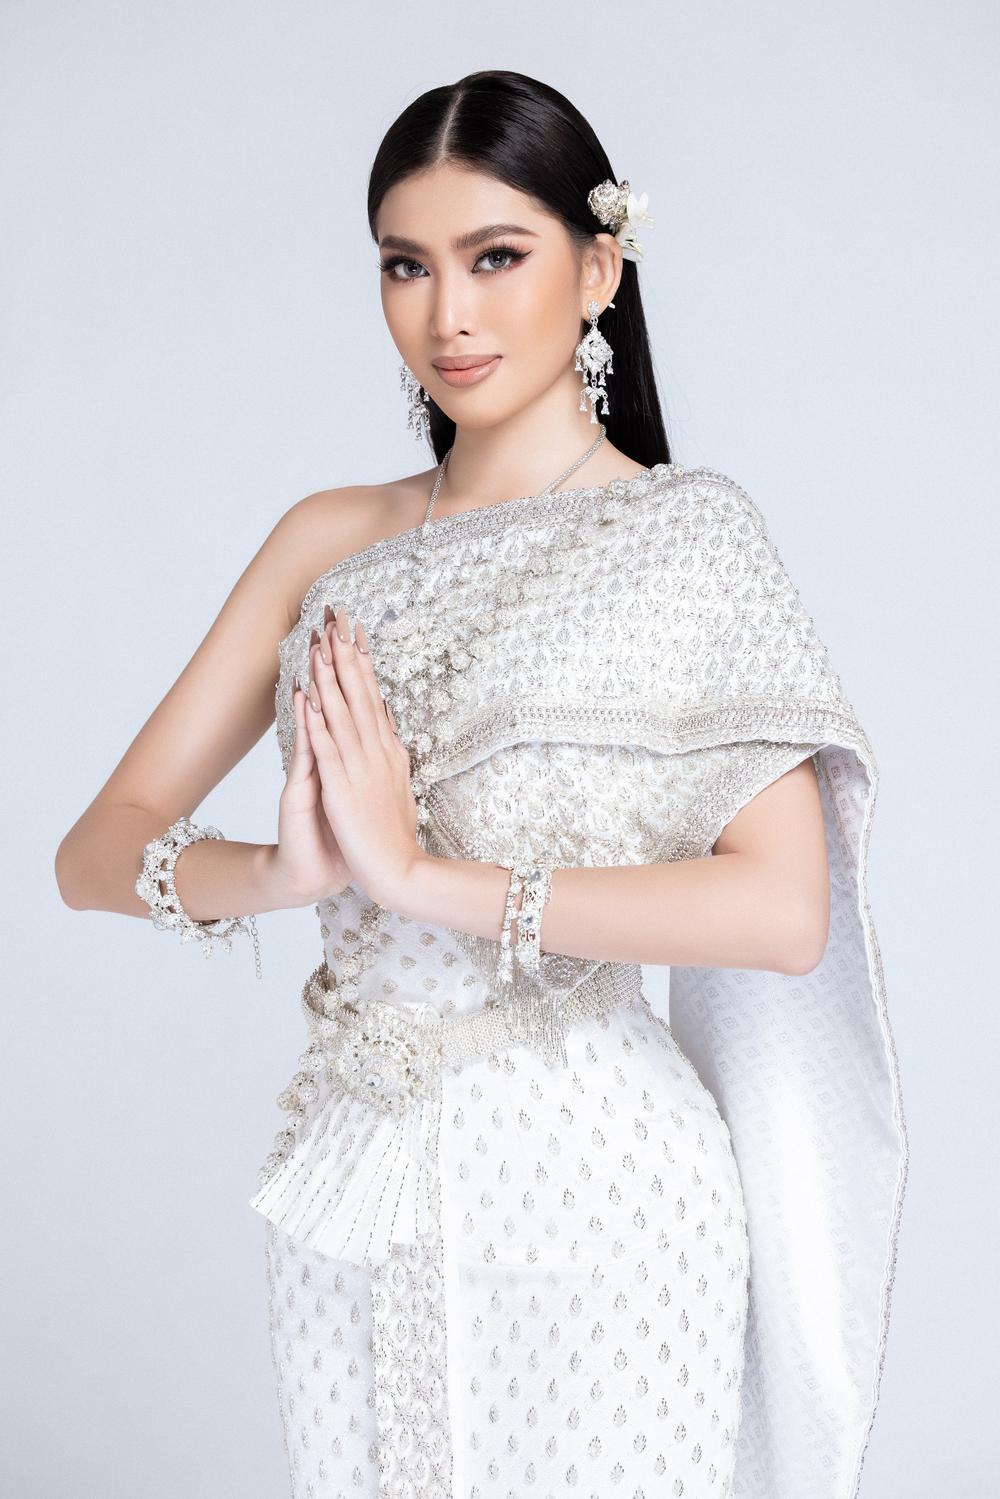 Hành trình lọt Top 20 của Ngọc Thảo: Nàng hậu 21 tuổi bản lĩnh chinh phục Miss Grand giữa mùa dịch! Ảnh 15